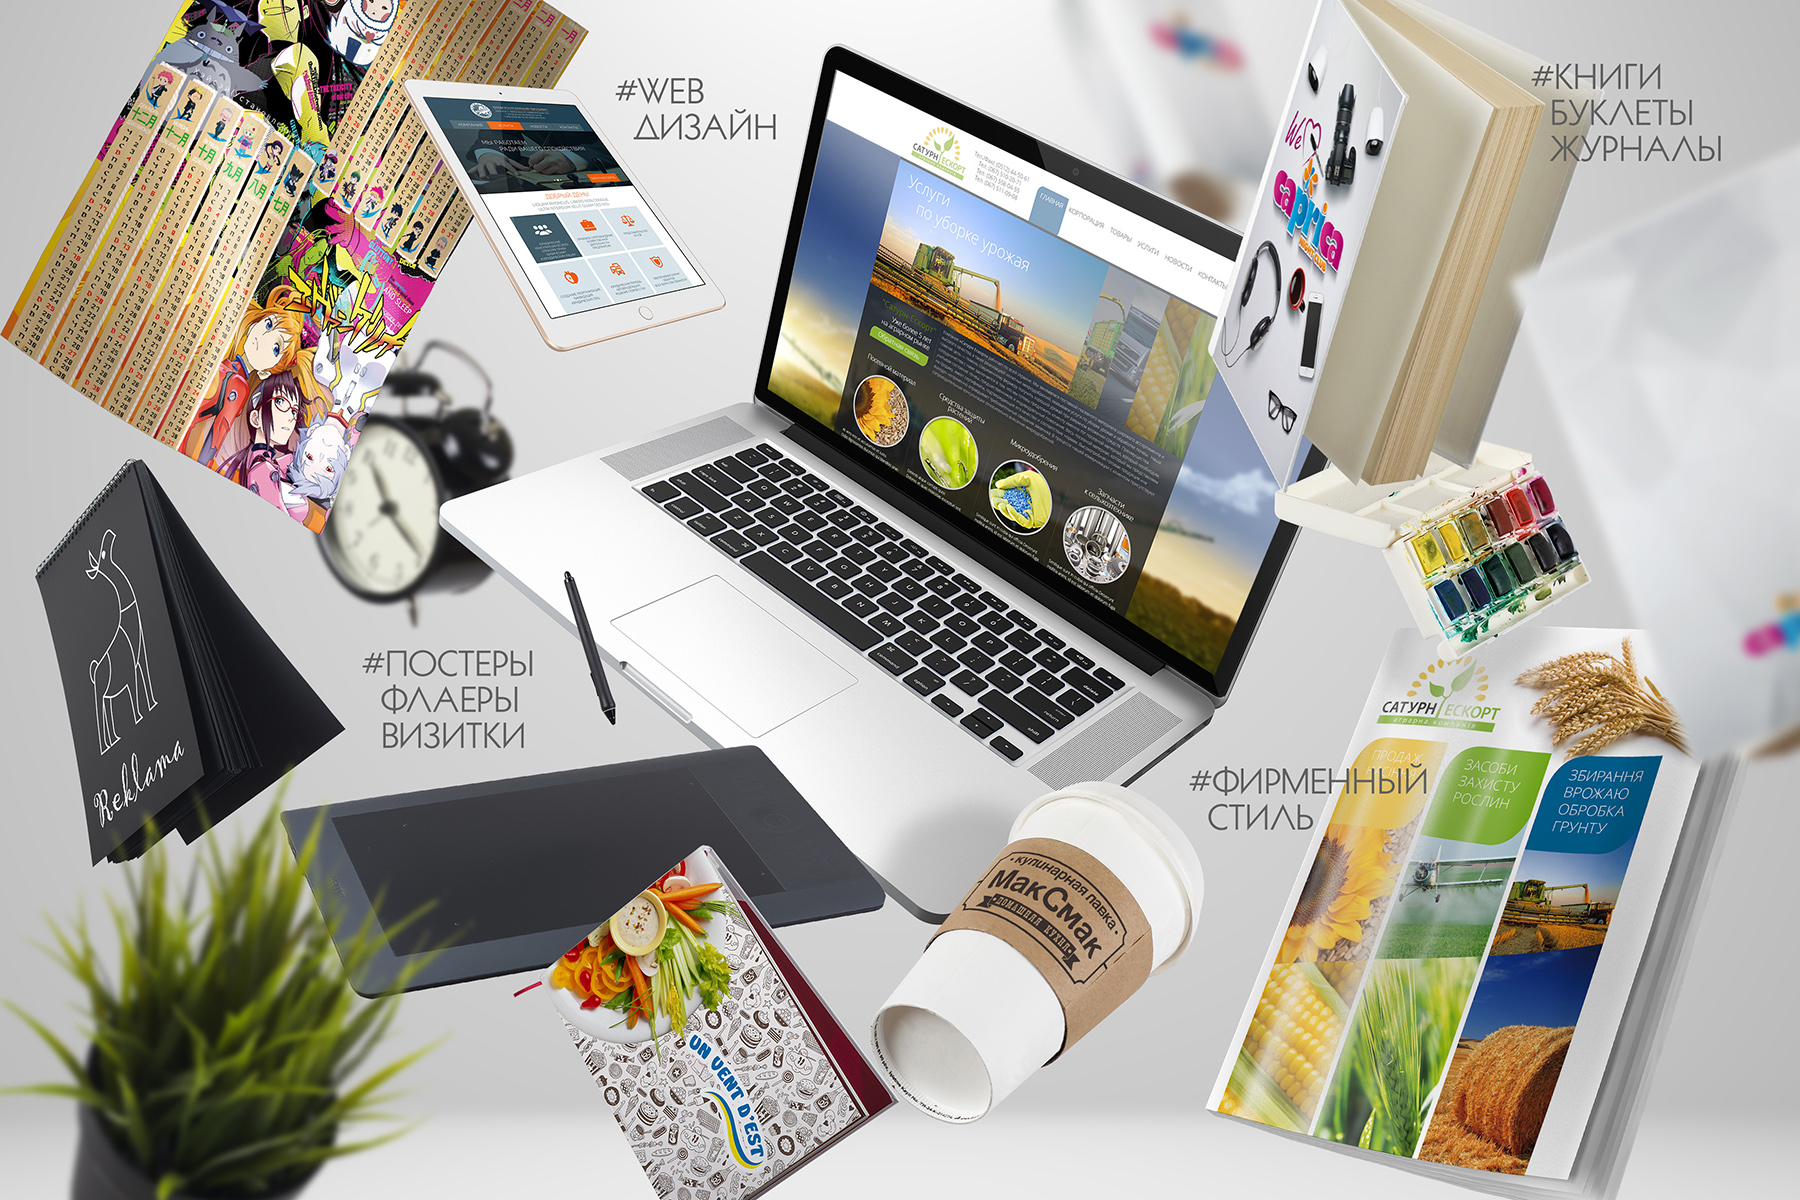 Дизайн картинок для рекламы